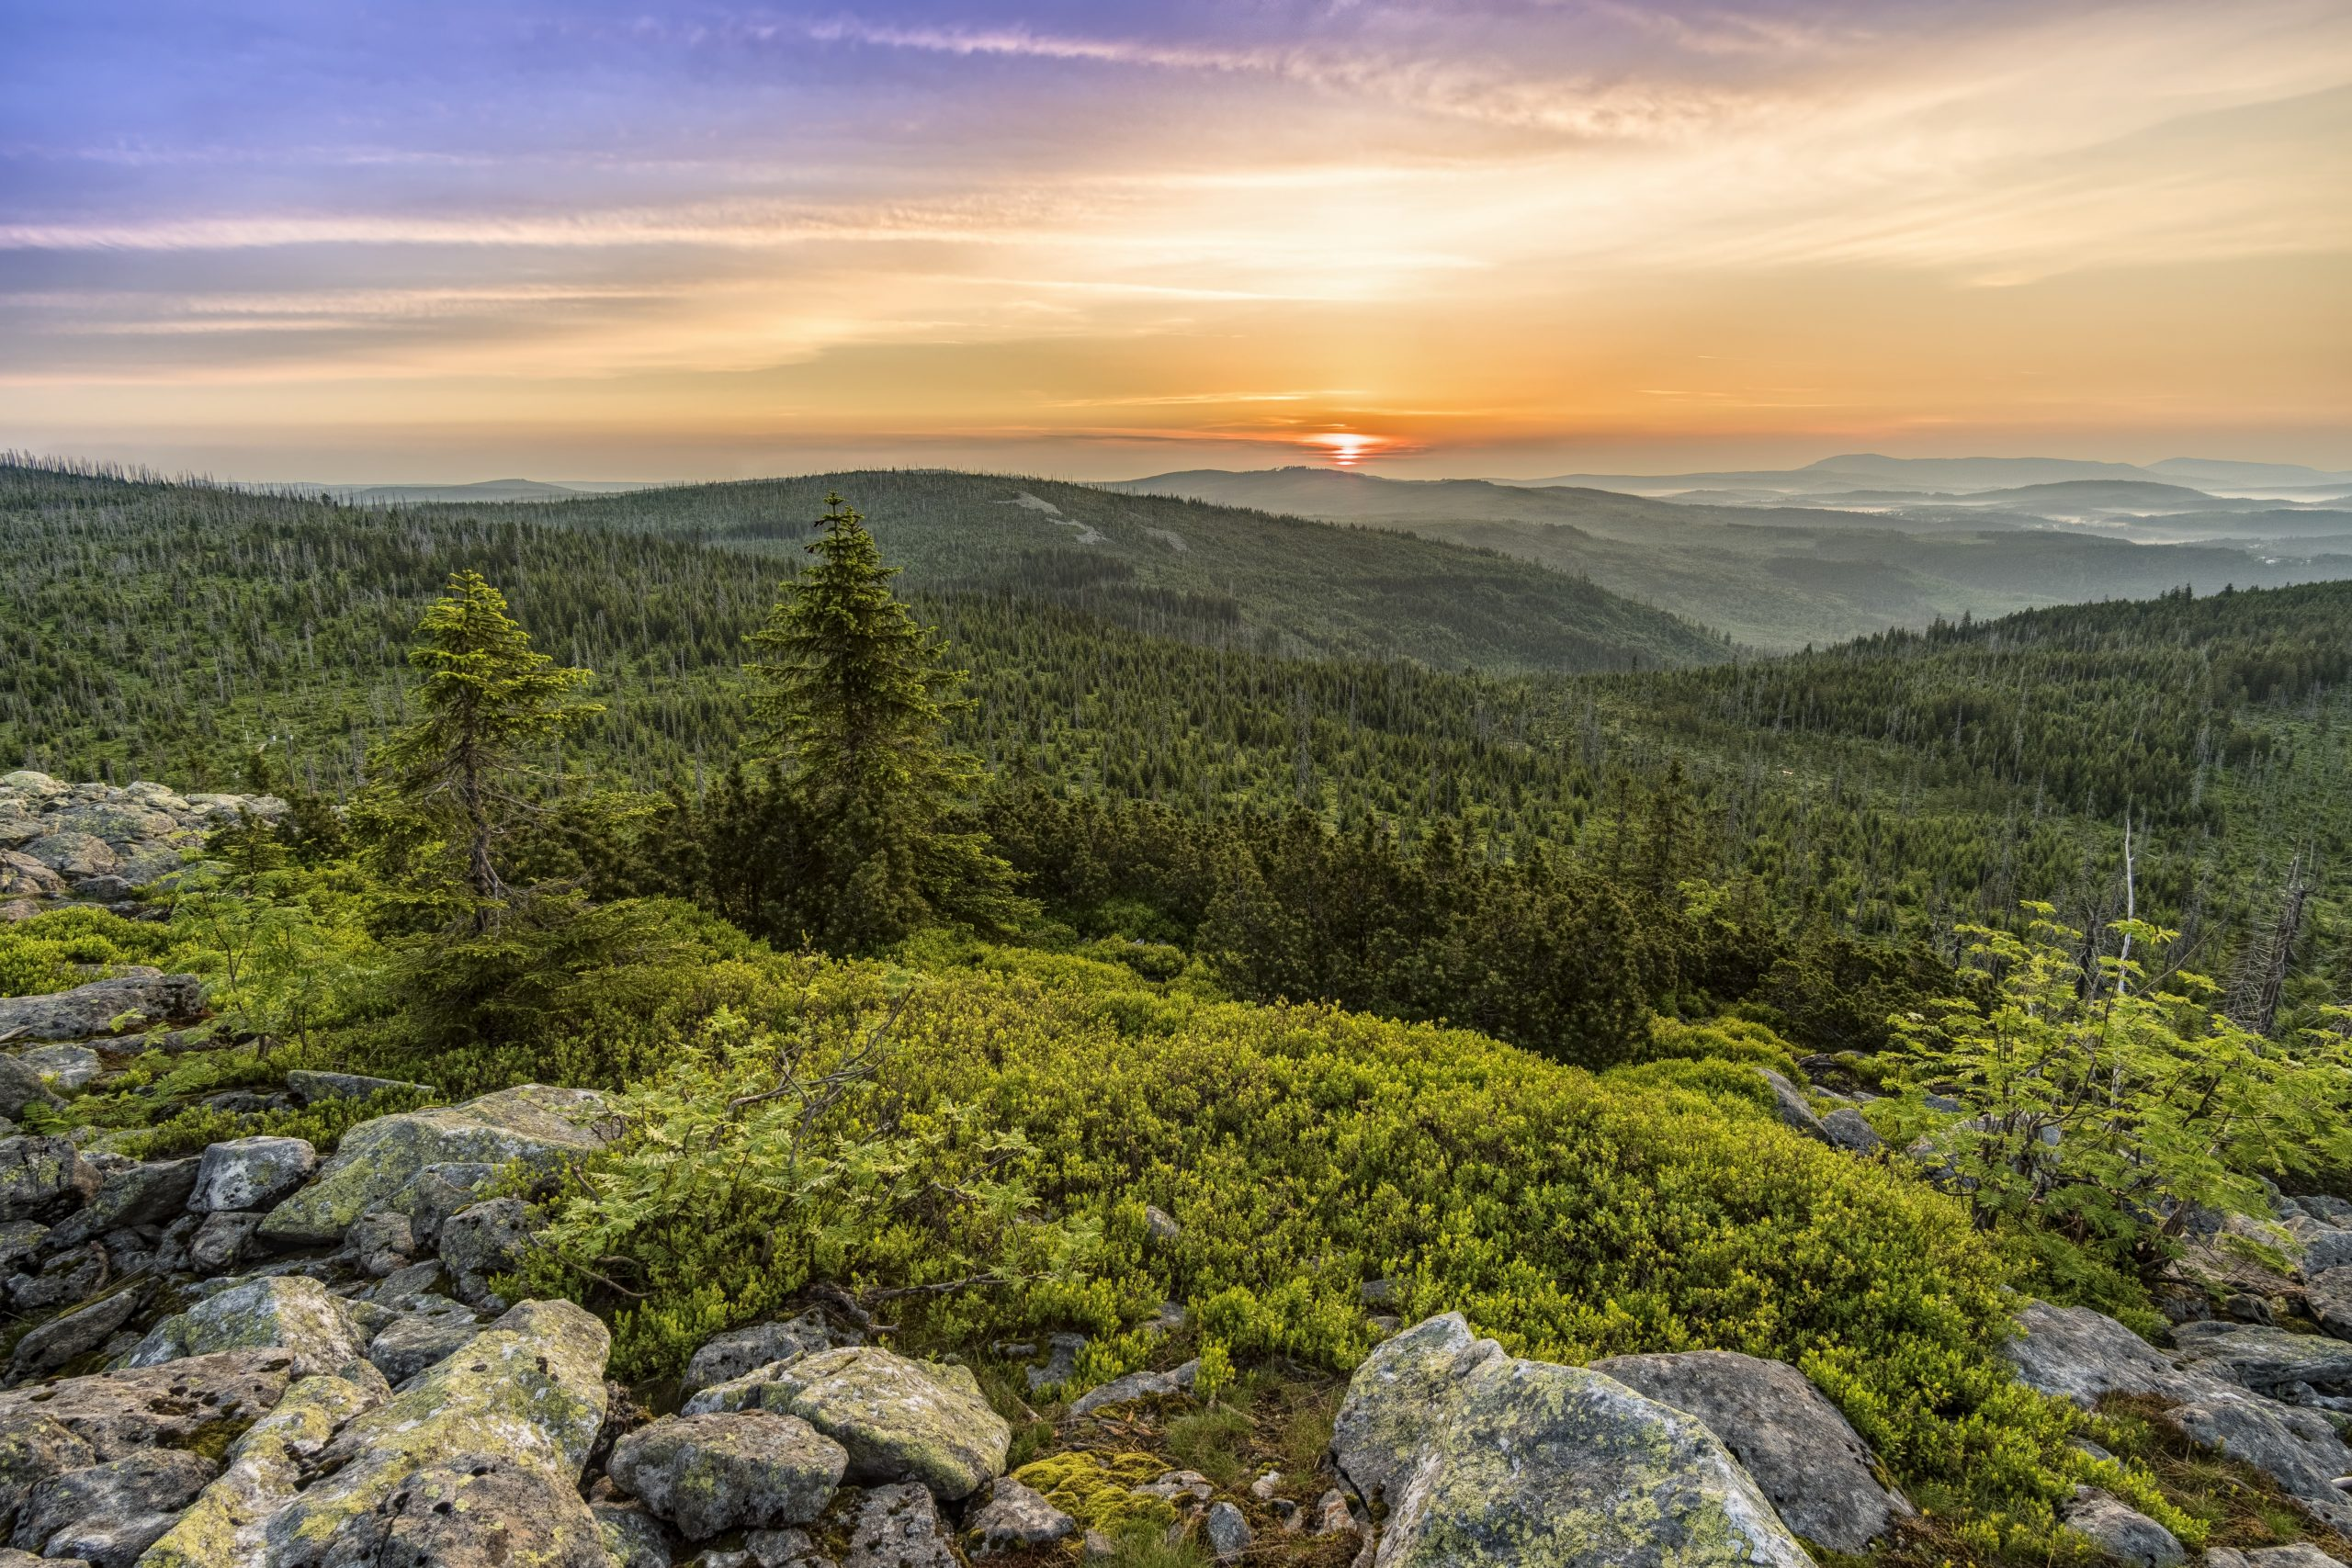 Sonnenuntergang im Bayerischen Wald, Goldsteig, Wandern im Frühling, Wanderideen Frühling, Wanderungen Frühling, Weitwanderweg Frühling